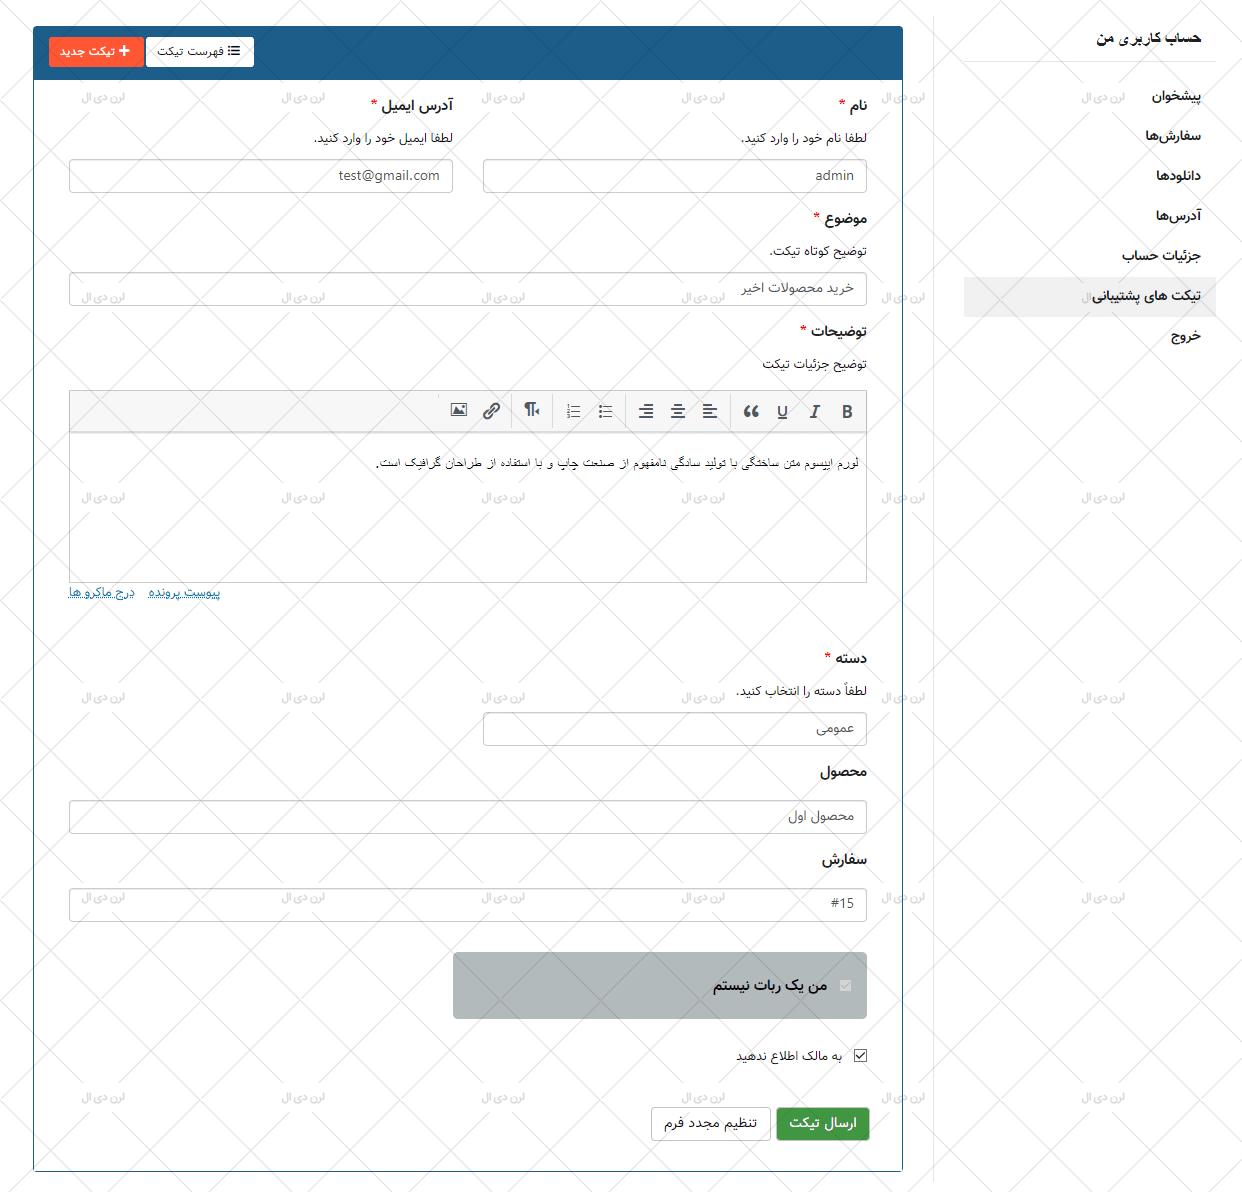 افزونه SupportCandy تیکت و پشتیبانی وردپرس و ووکامرس